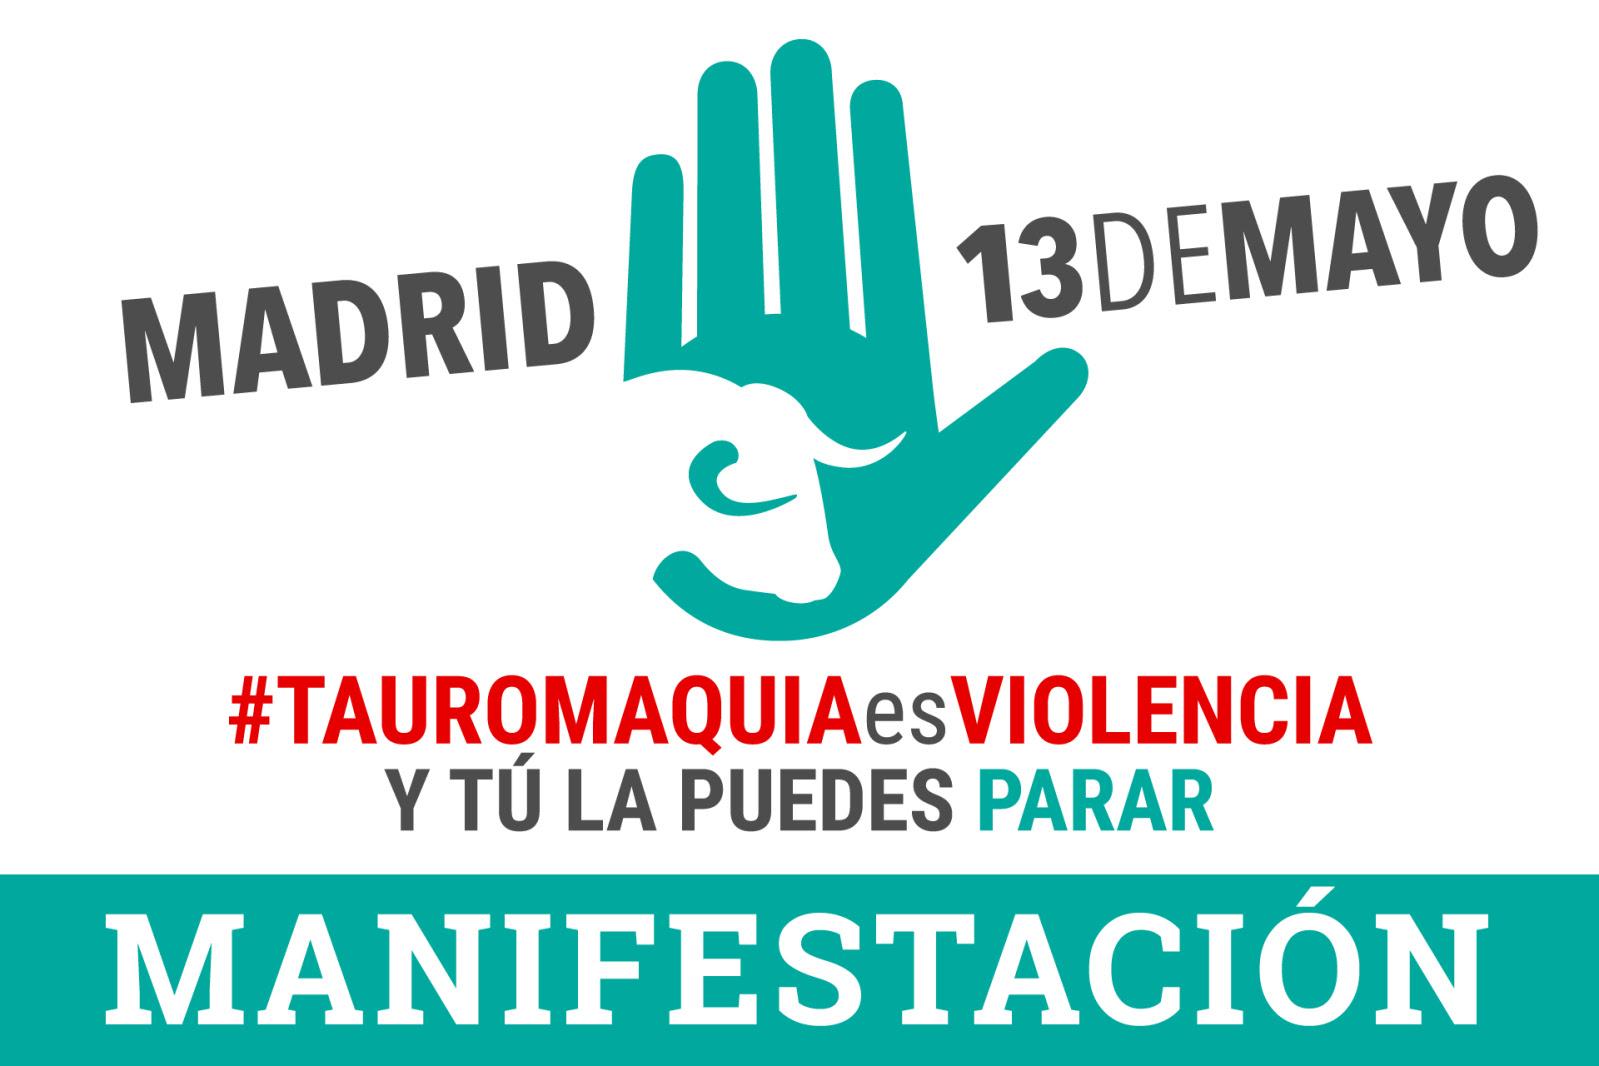 MANIFESTACIÓN 'Tauromaquia es Violencia'